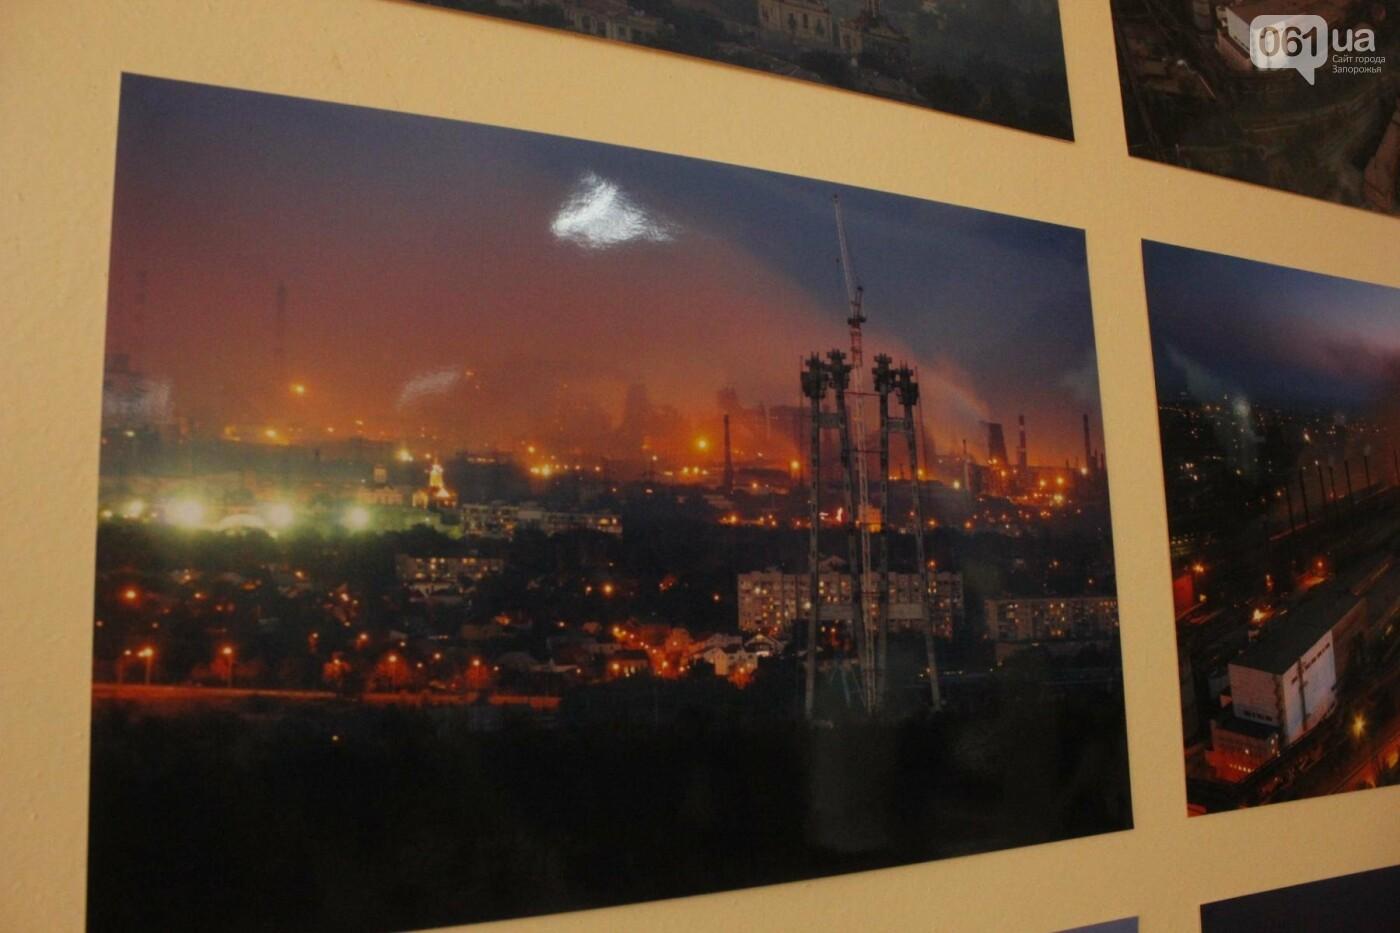 """Организаторы фотовыставки """"Экоцид по-запорожски"""" планируют провести её за границей, - ФОТОРЕПОРТАЖ, фото-10"""